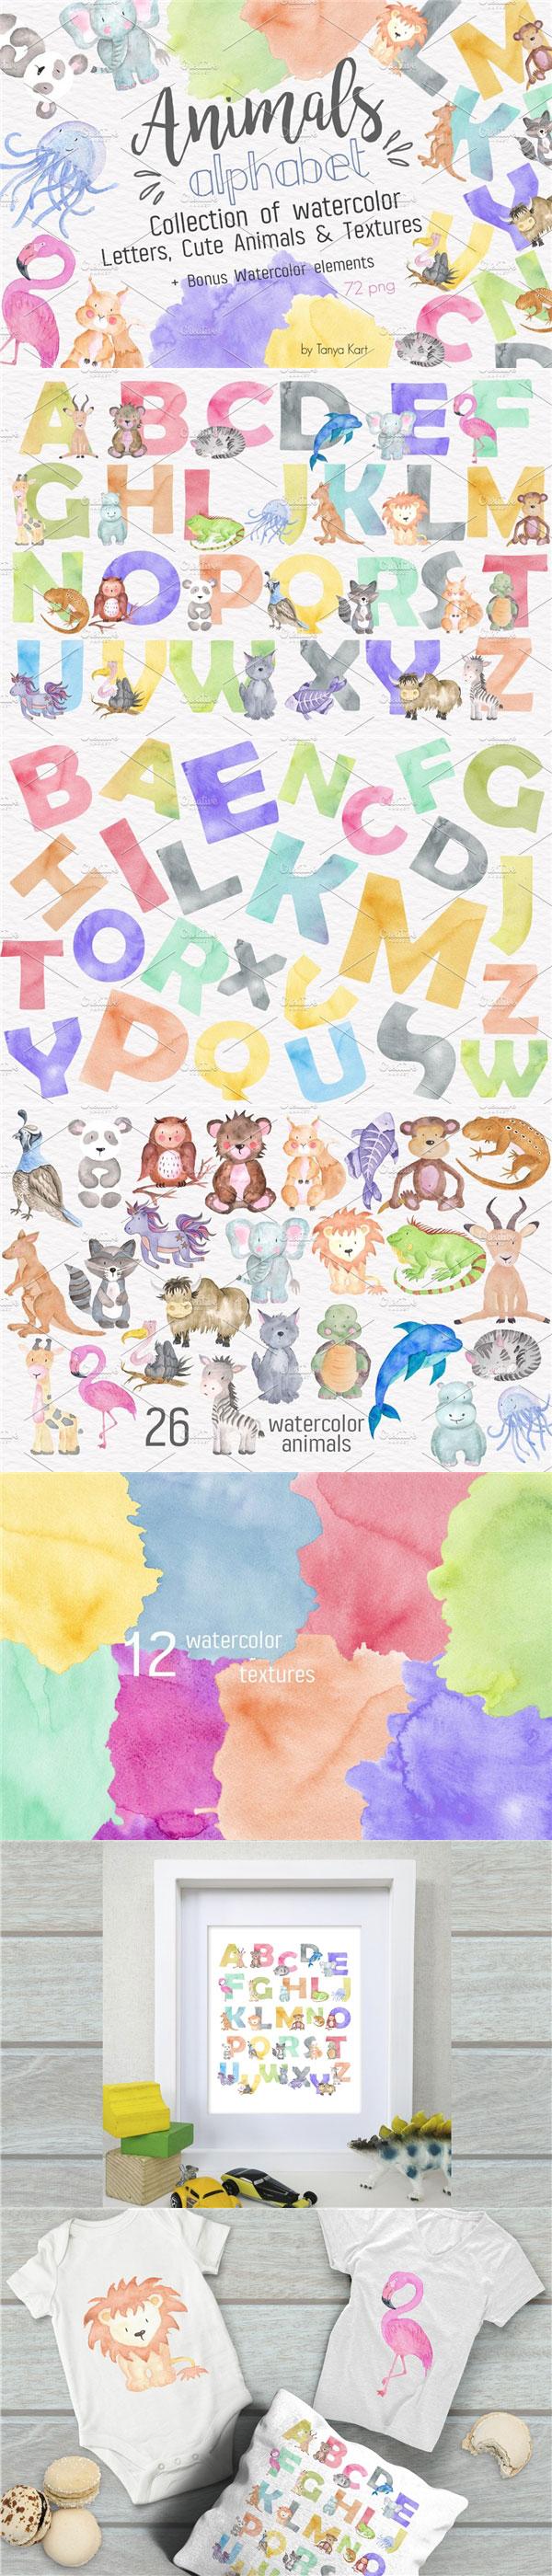 素材分类: 元素插画所需点数: 20 点 关键词: 可爱水彩动物字母图案